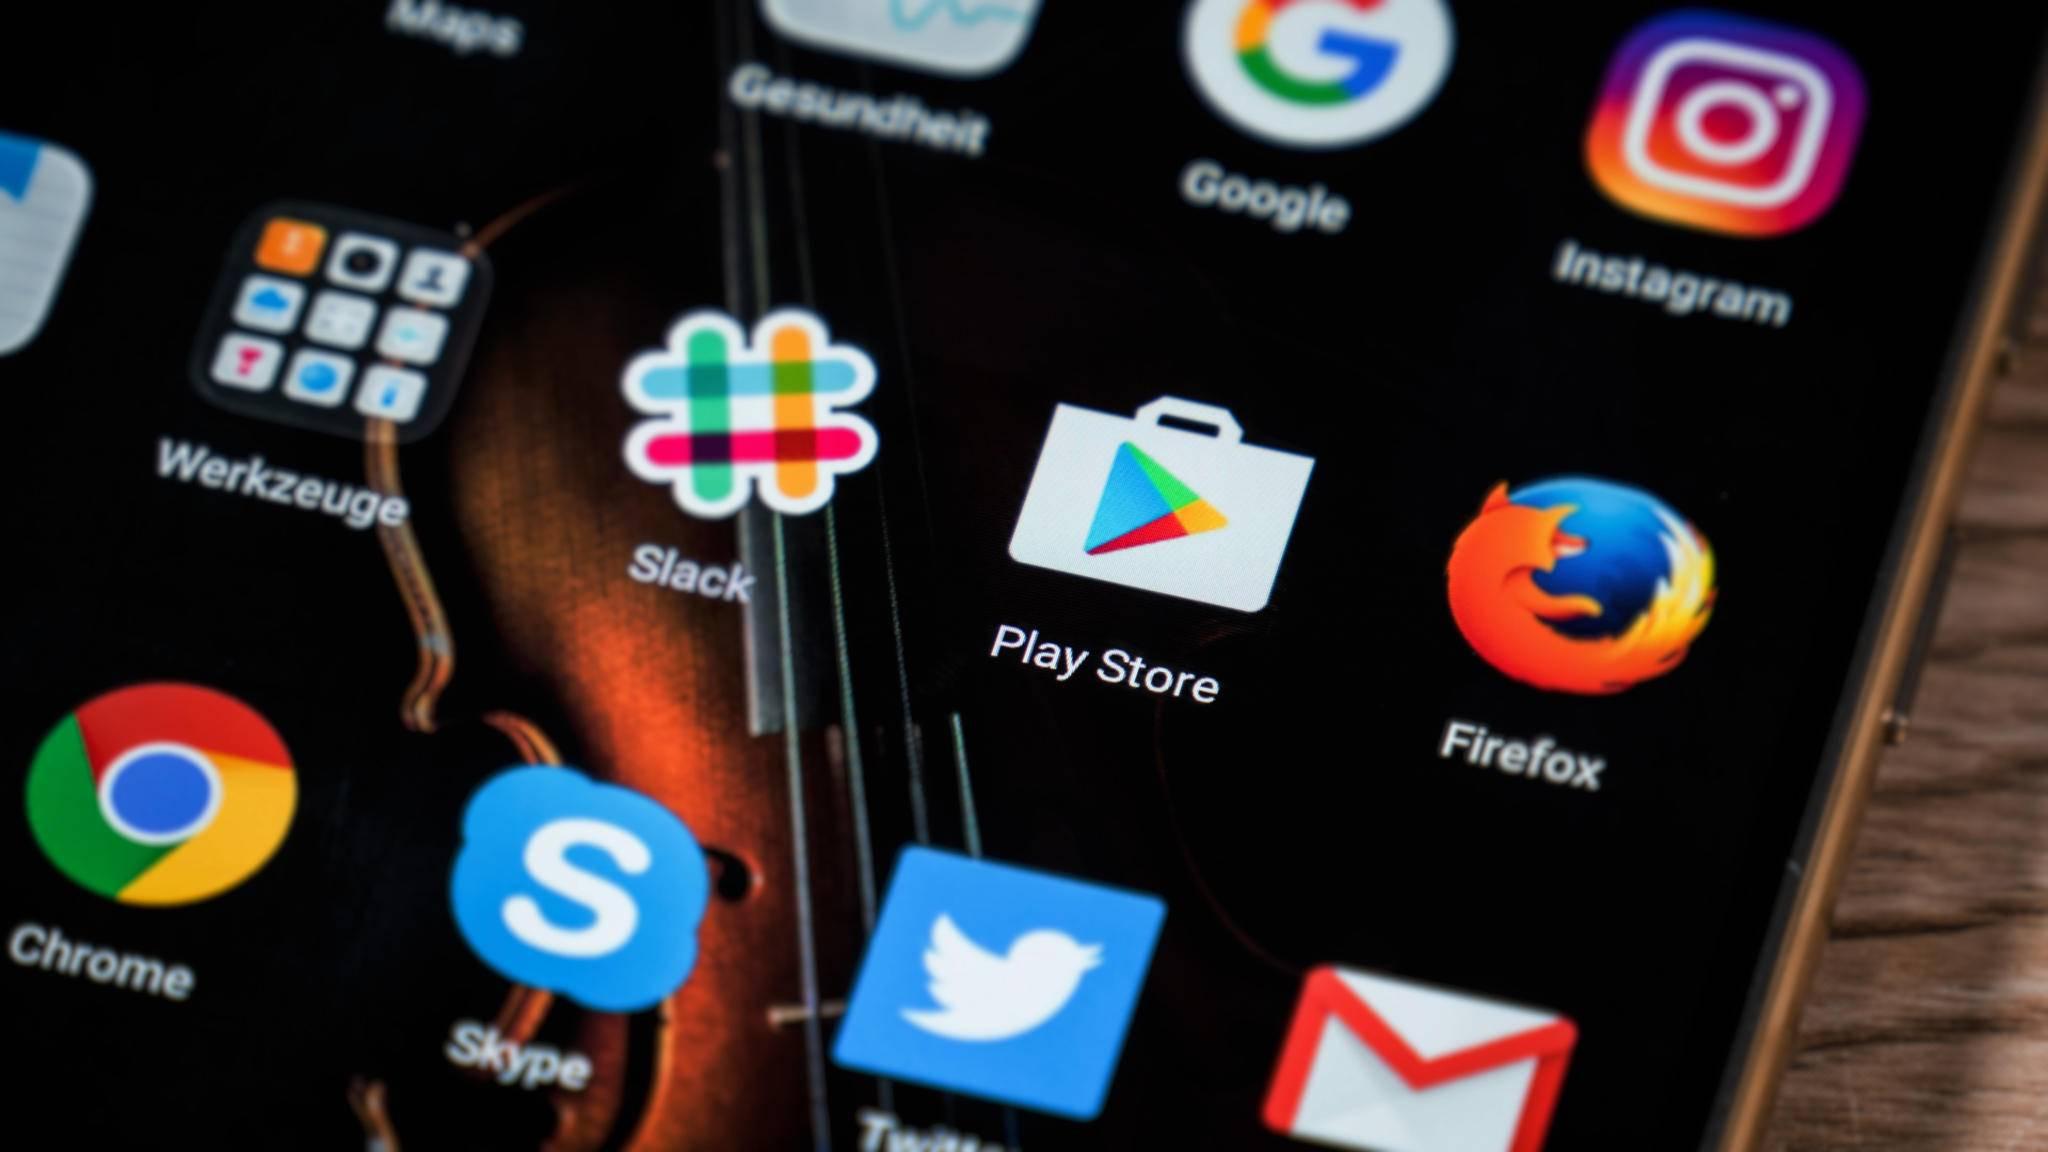 Das App-Management mit dem Google Play Store wird vereinfacht.